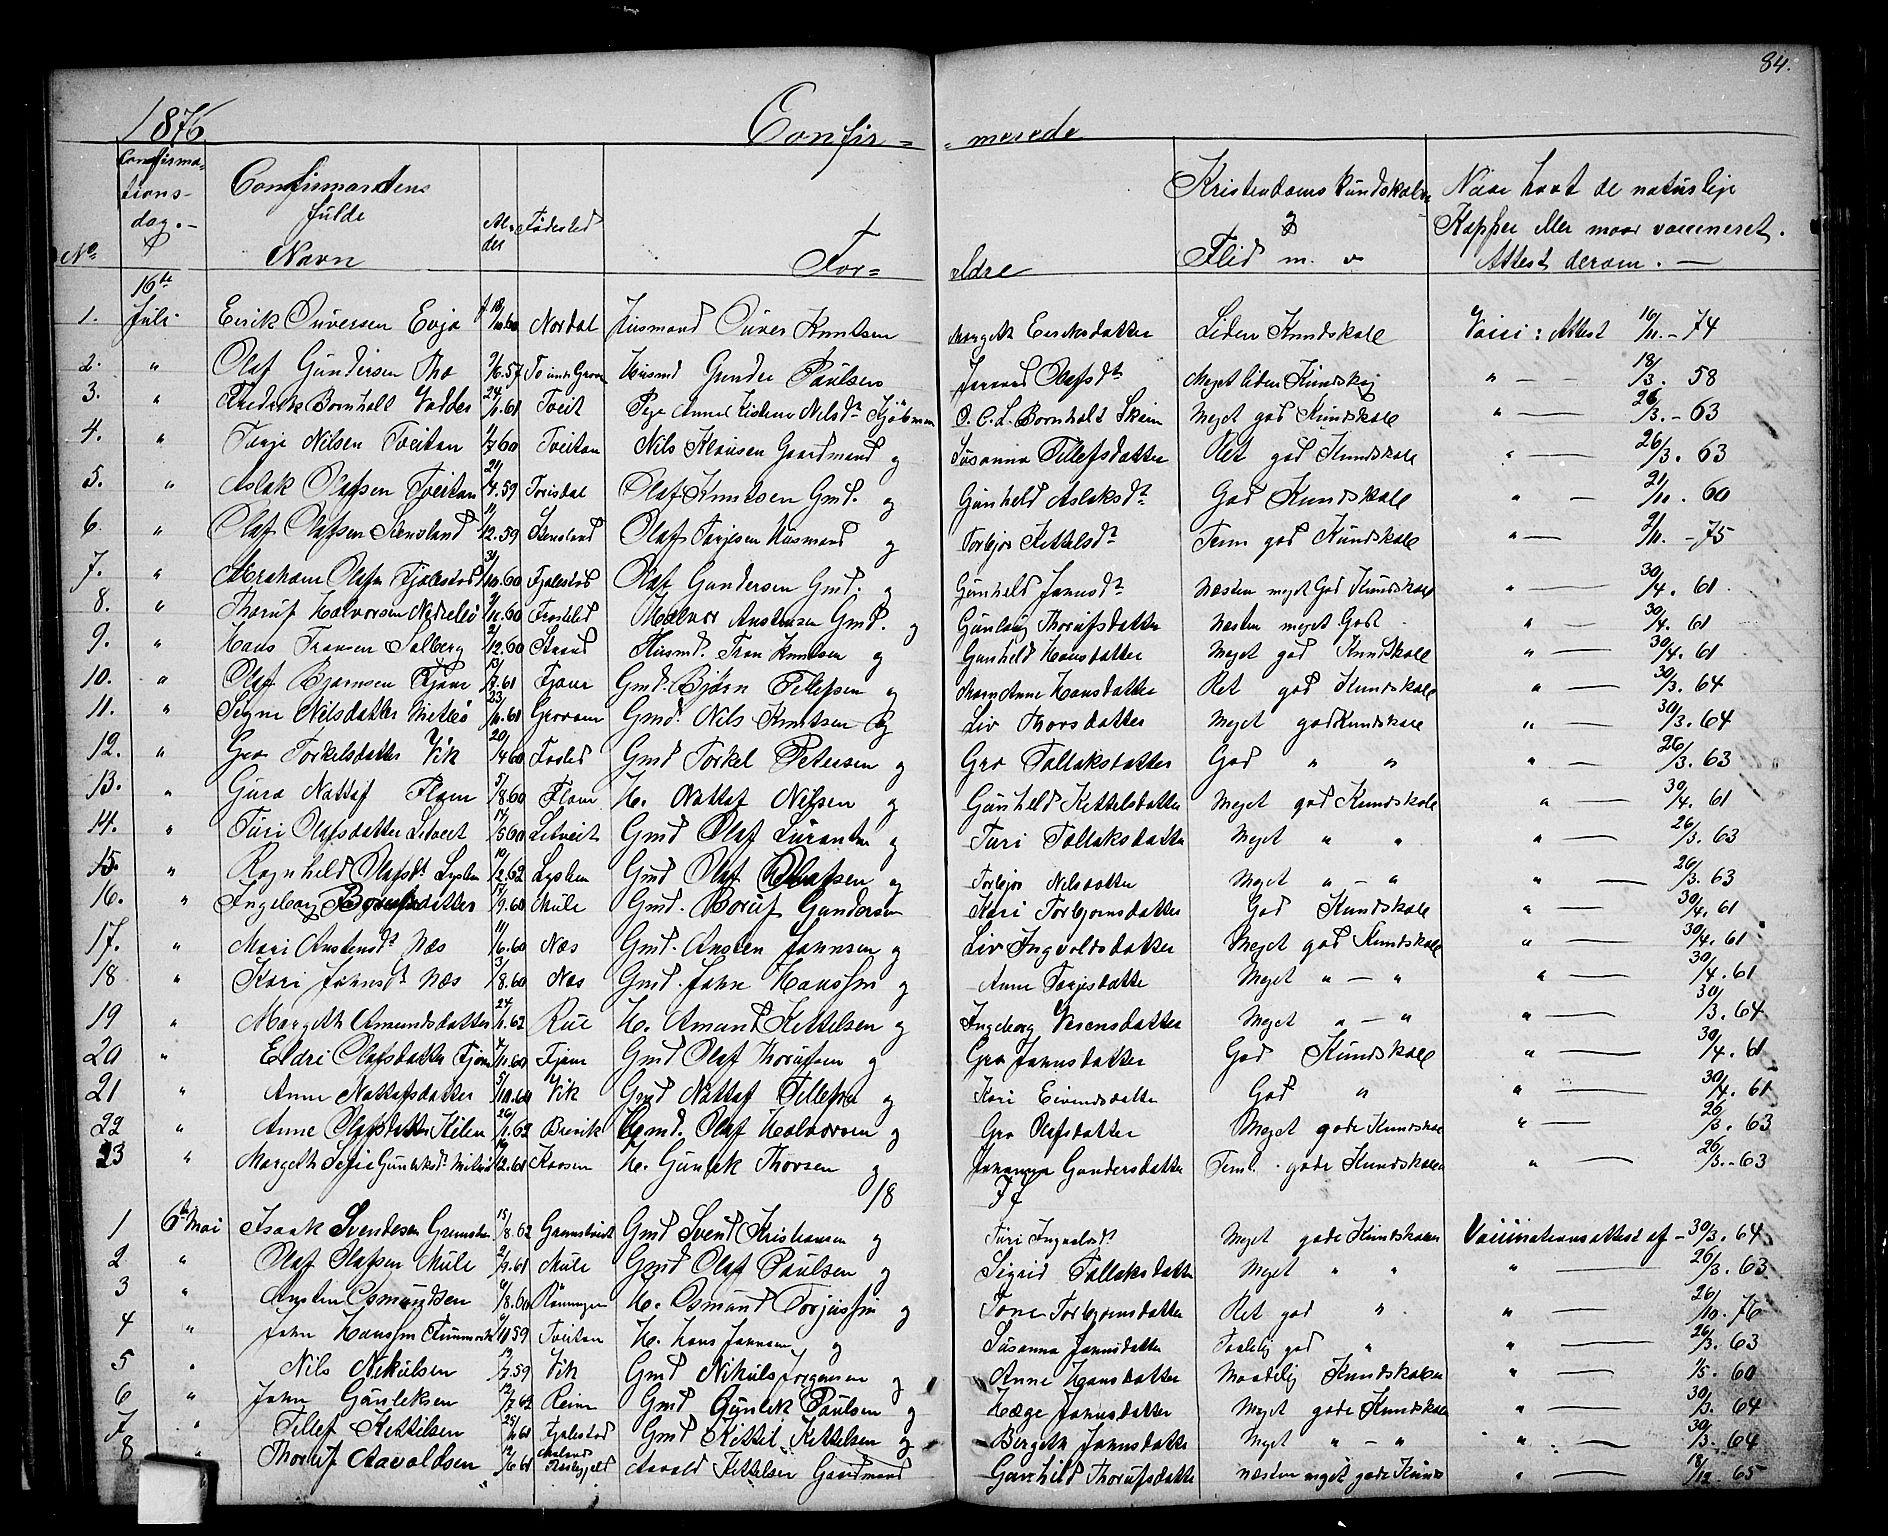 SAKO, Nissedal kirkebøker, G/Ga/L0002: Klokkerbok nr. I 2, 1861-1887, s. 84